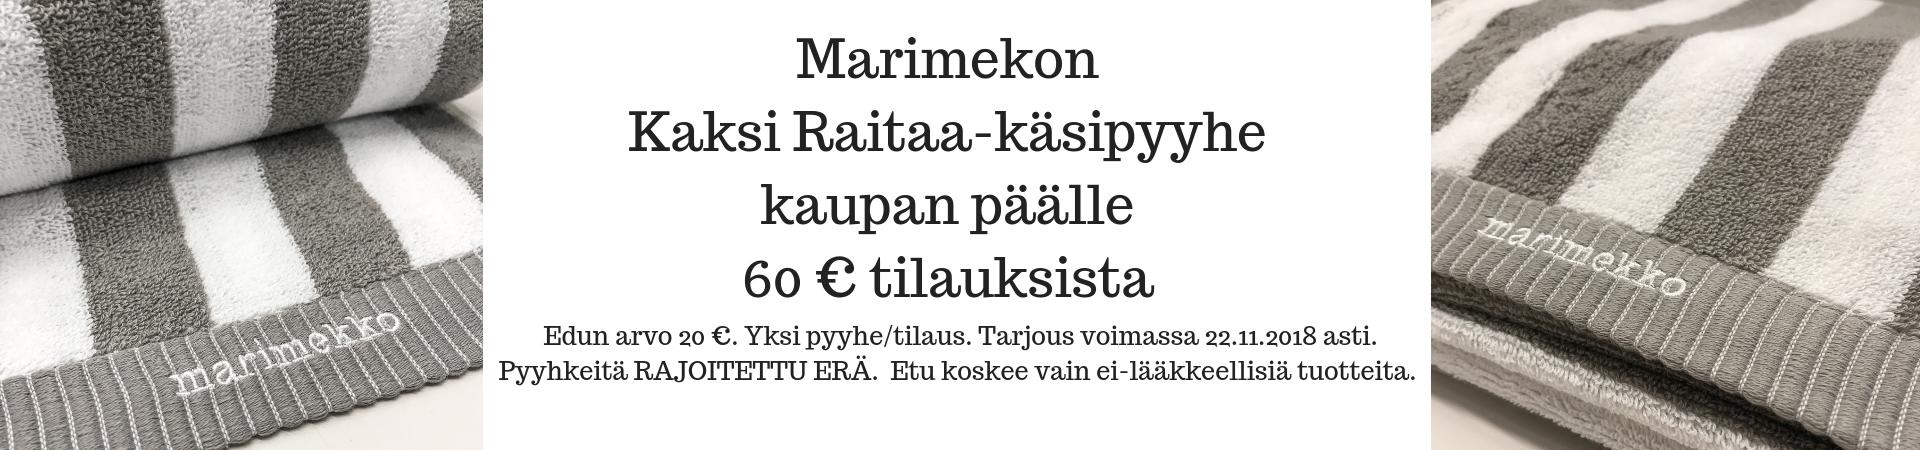 Marimekko 60€ 15.-22.11.2018